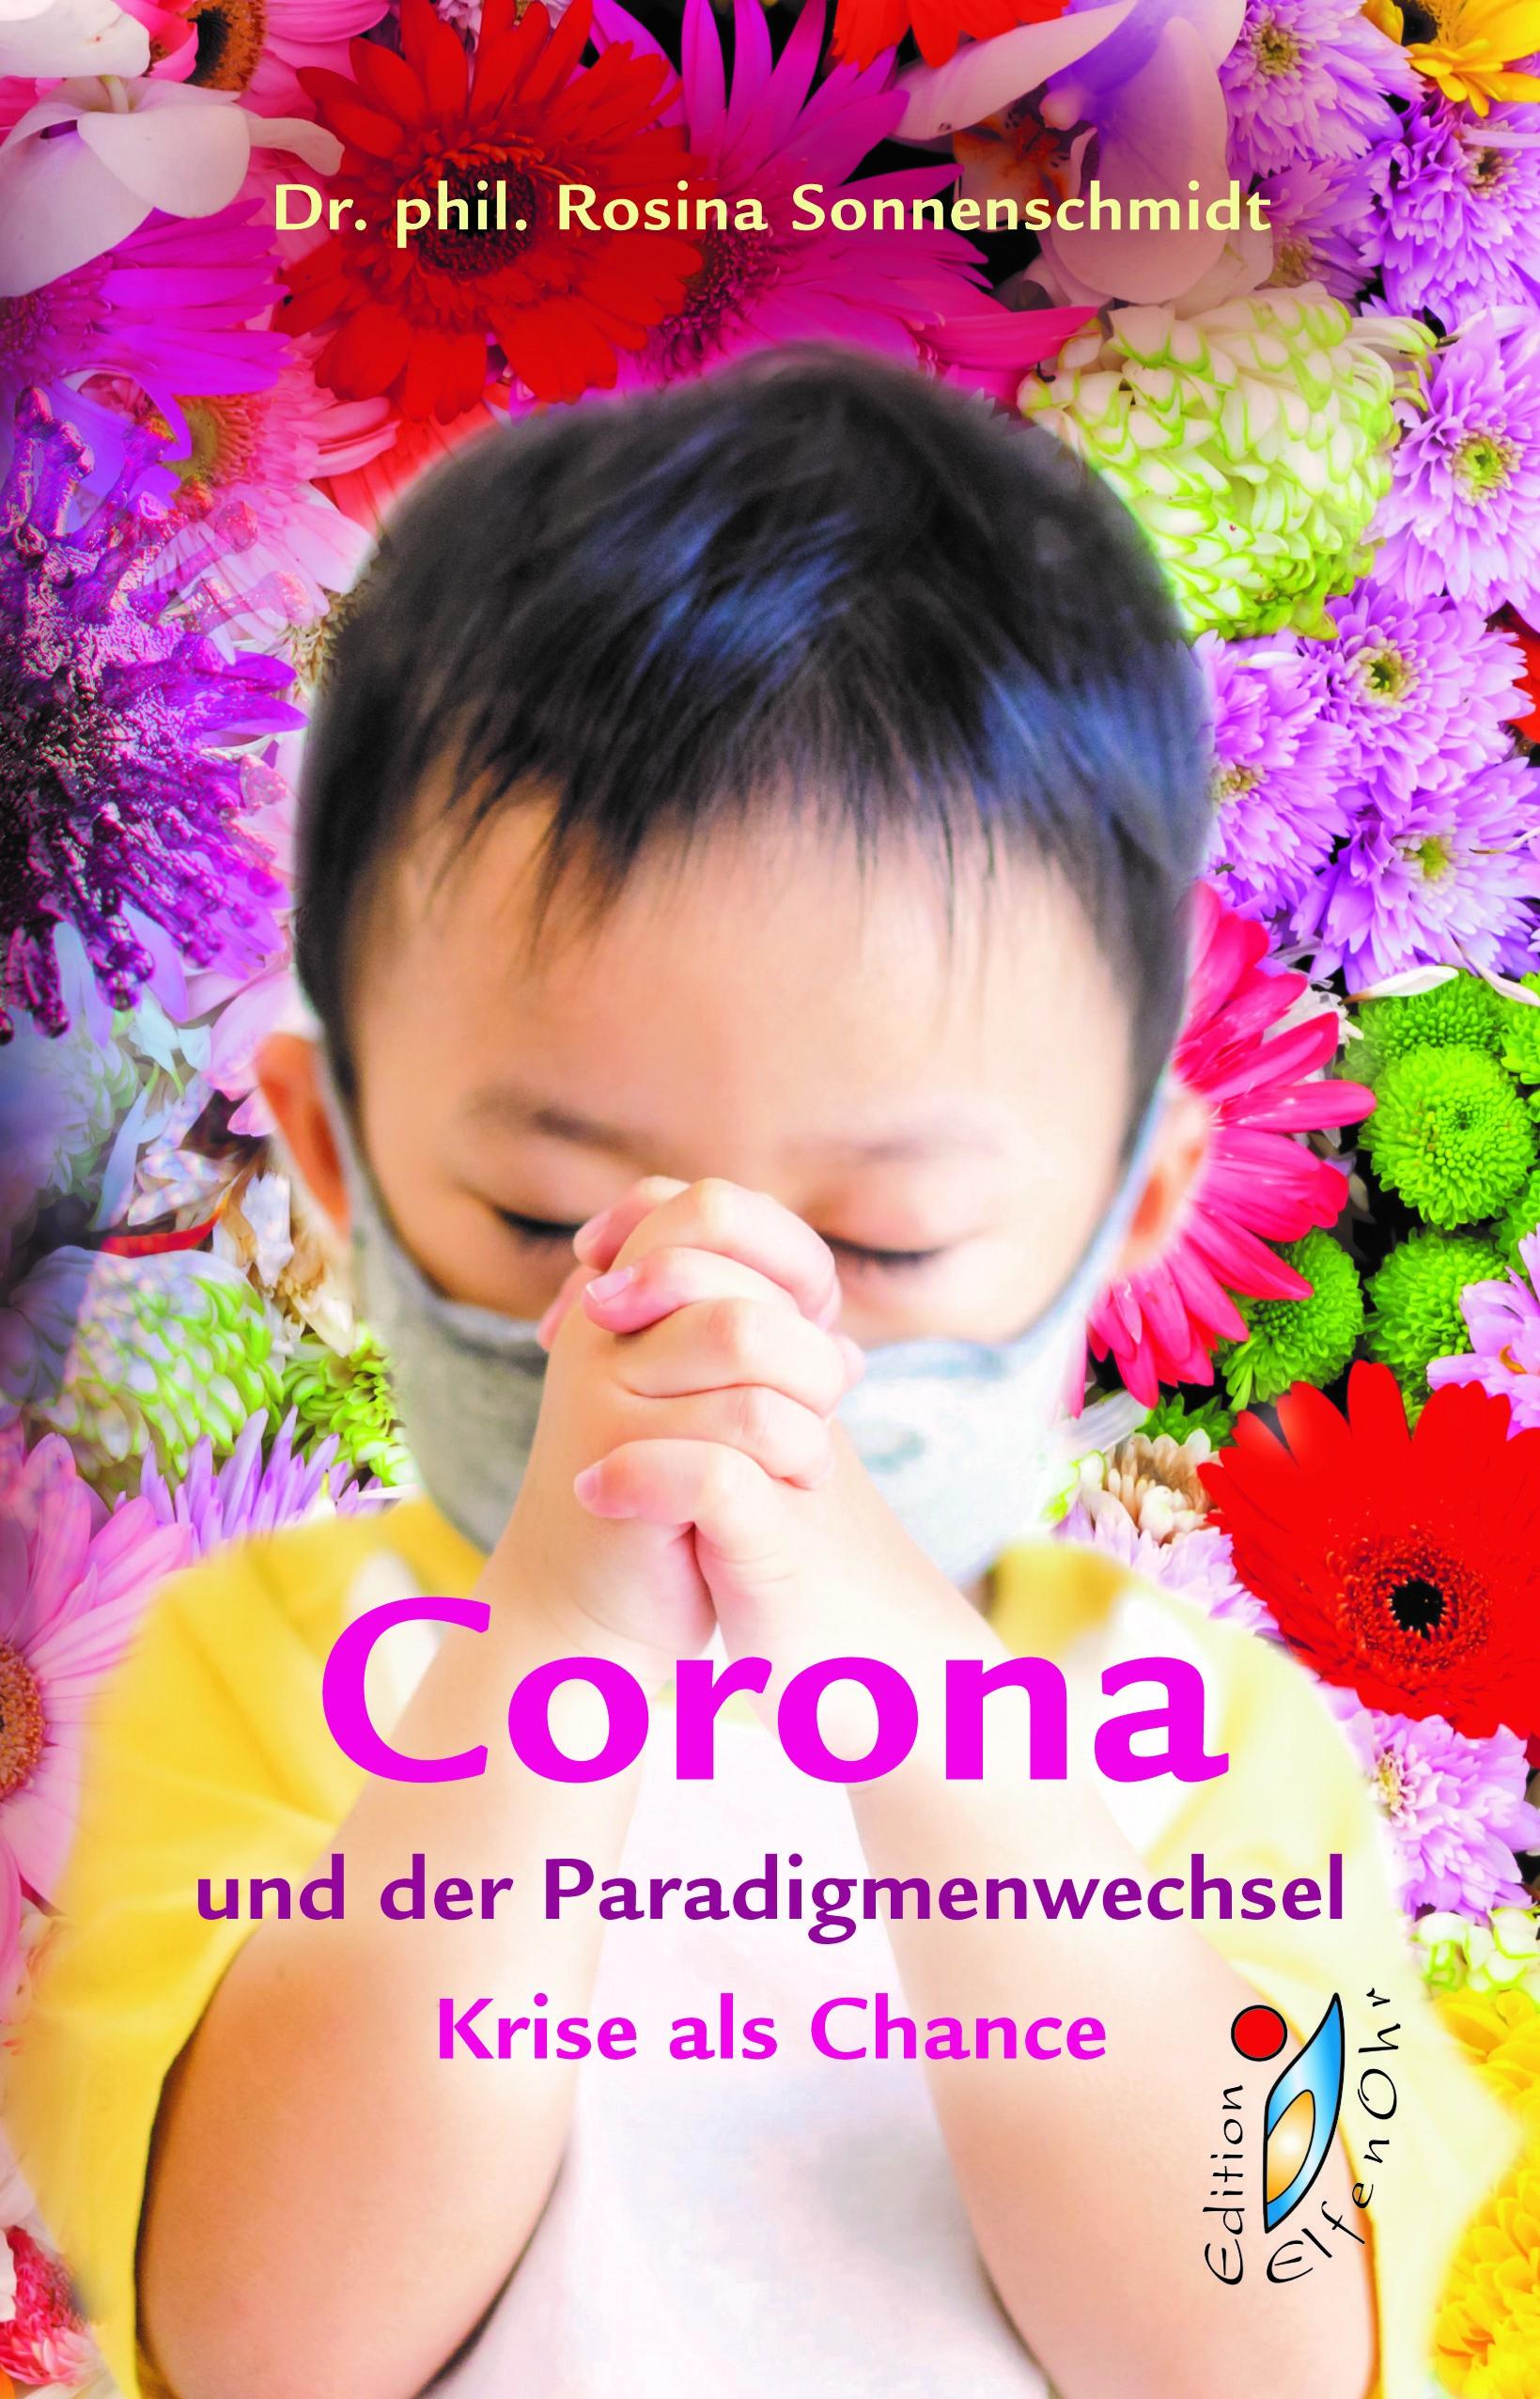 Corona und der Paradigmenwechsel